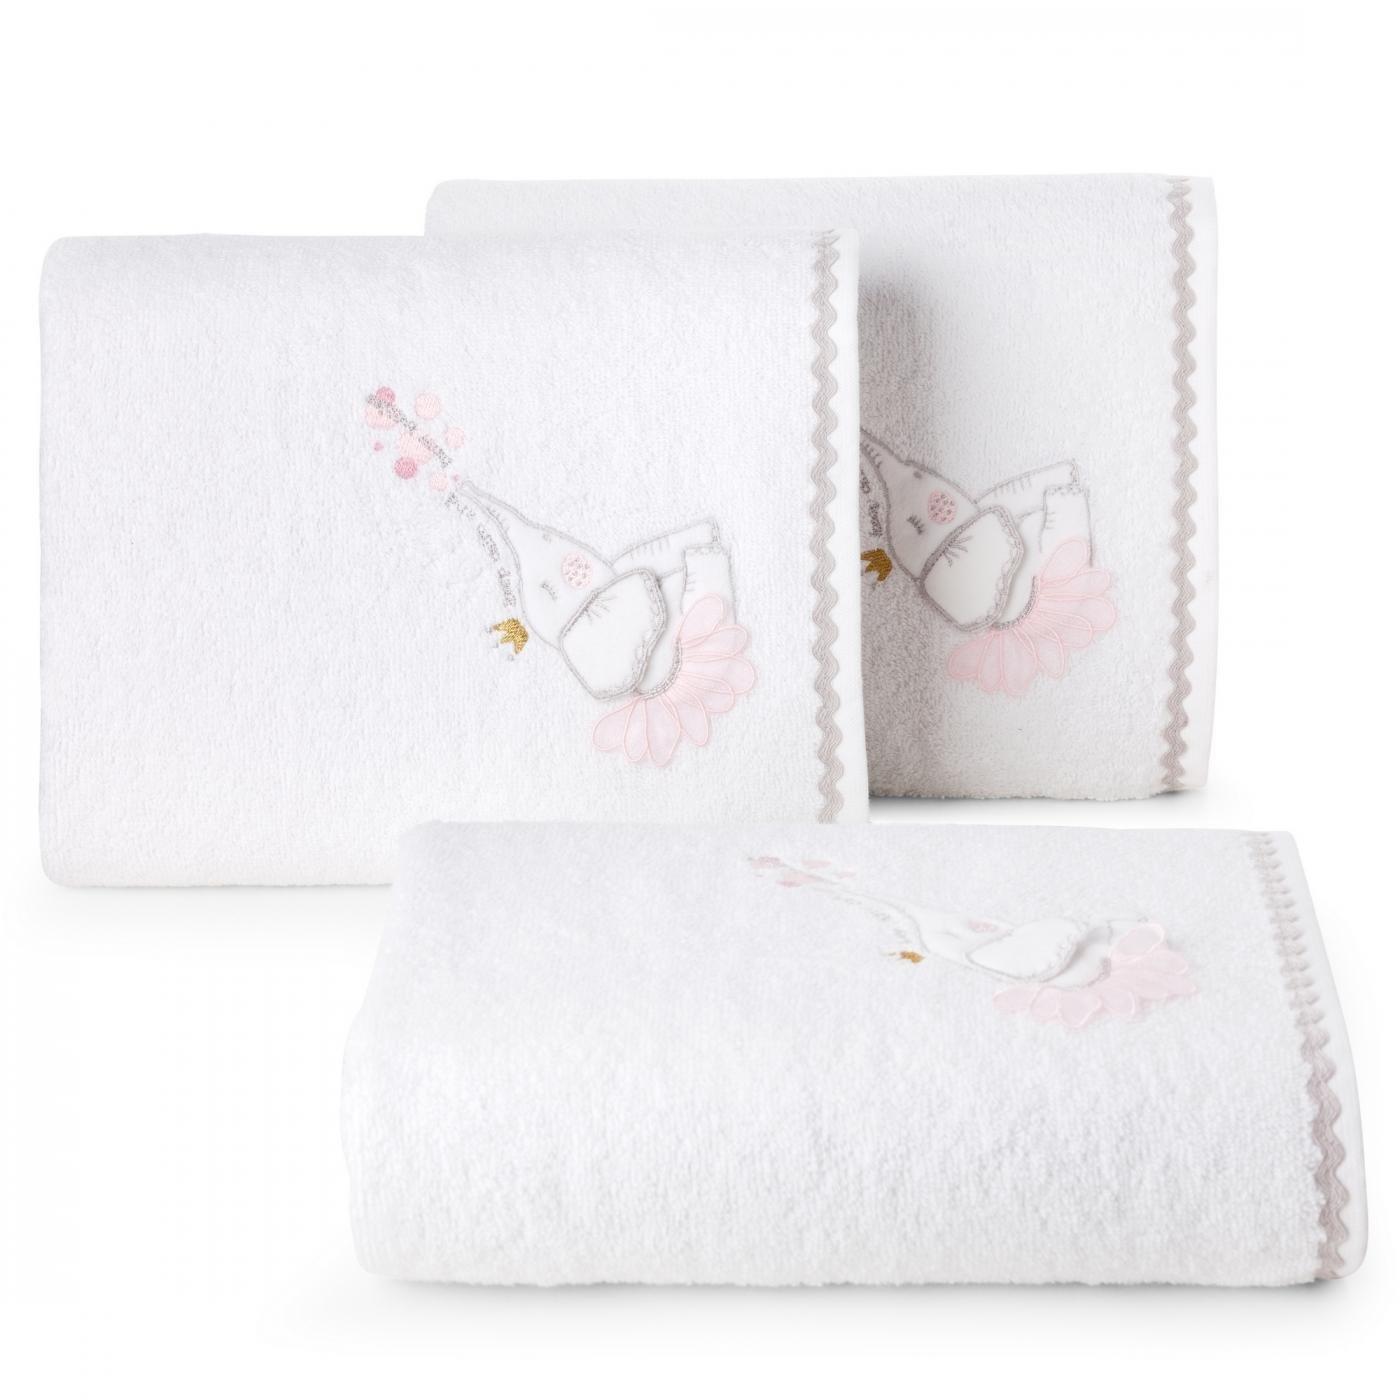 Ręcznik dziecięcy z trójwymiarową aplikacją ze słonikiem 70x140cm